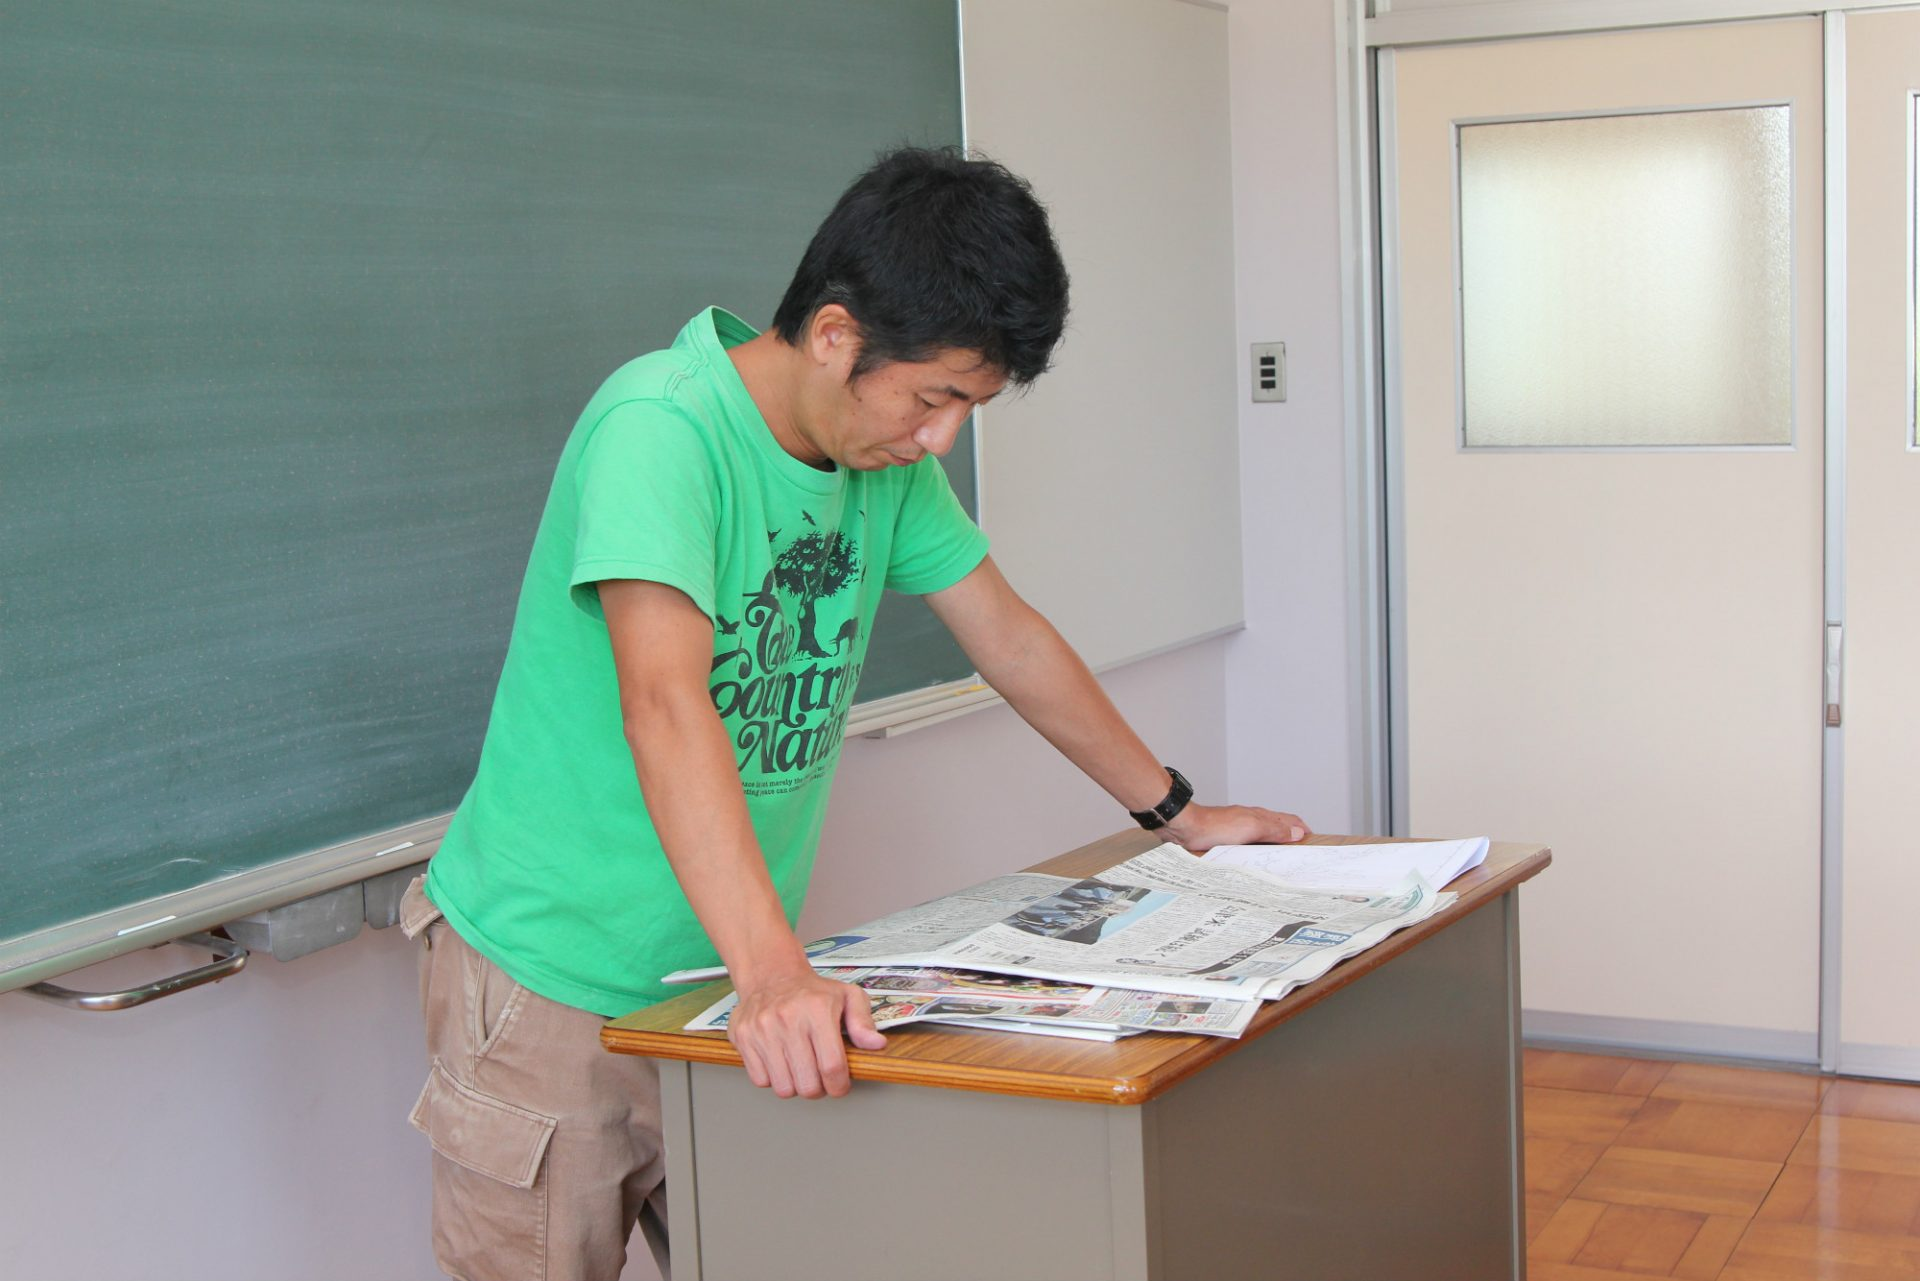 通信制高校の教頭時代の金馬先生。社会科の先生で、新聞を使って時事問題を説明する授業を行っていた。